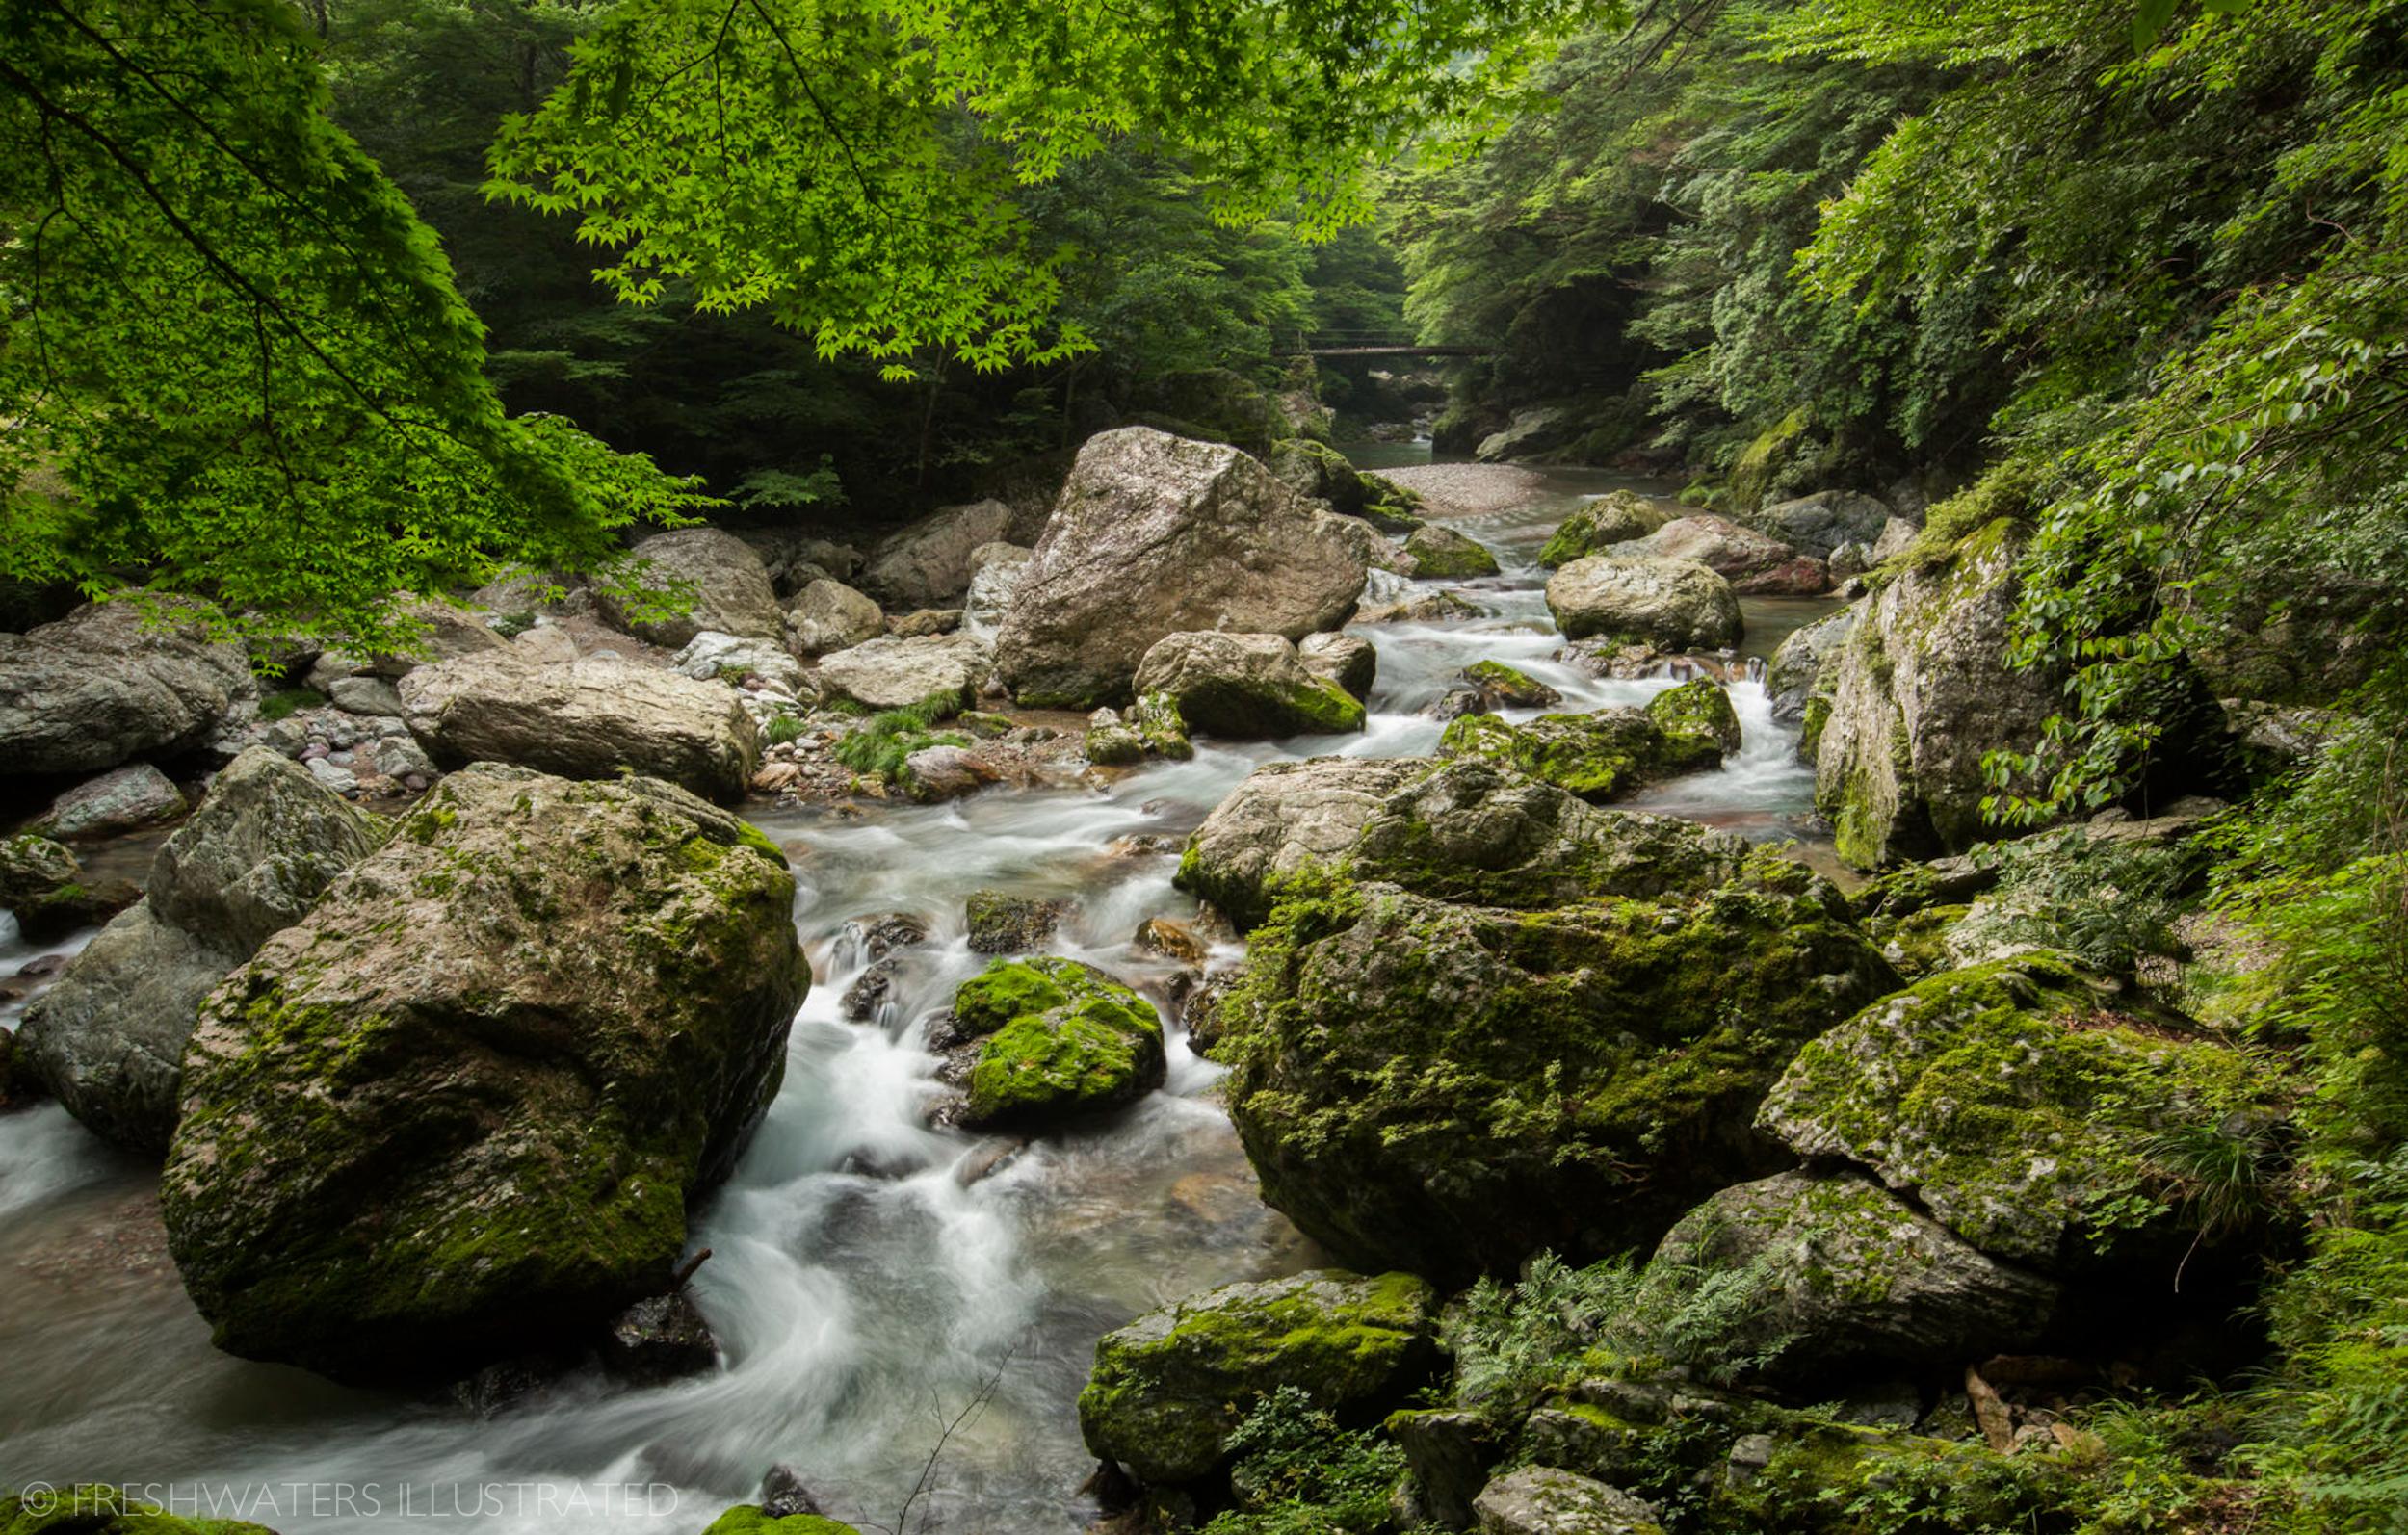 RiverWebs_Freshwaters_IIllustrated-3.jpg